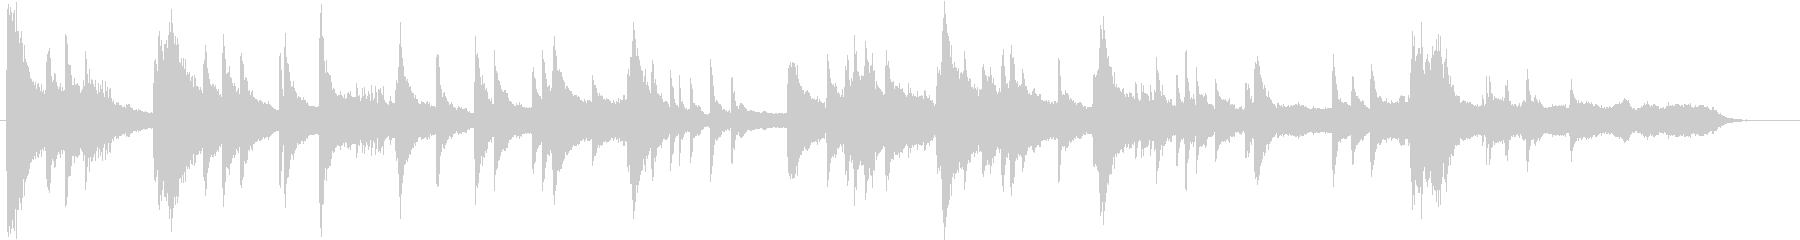 琴、ひちりき、太鼓、笙などを使った和風の未再生の波形